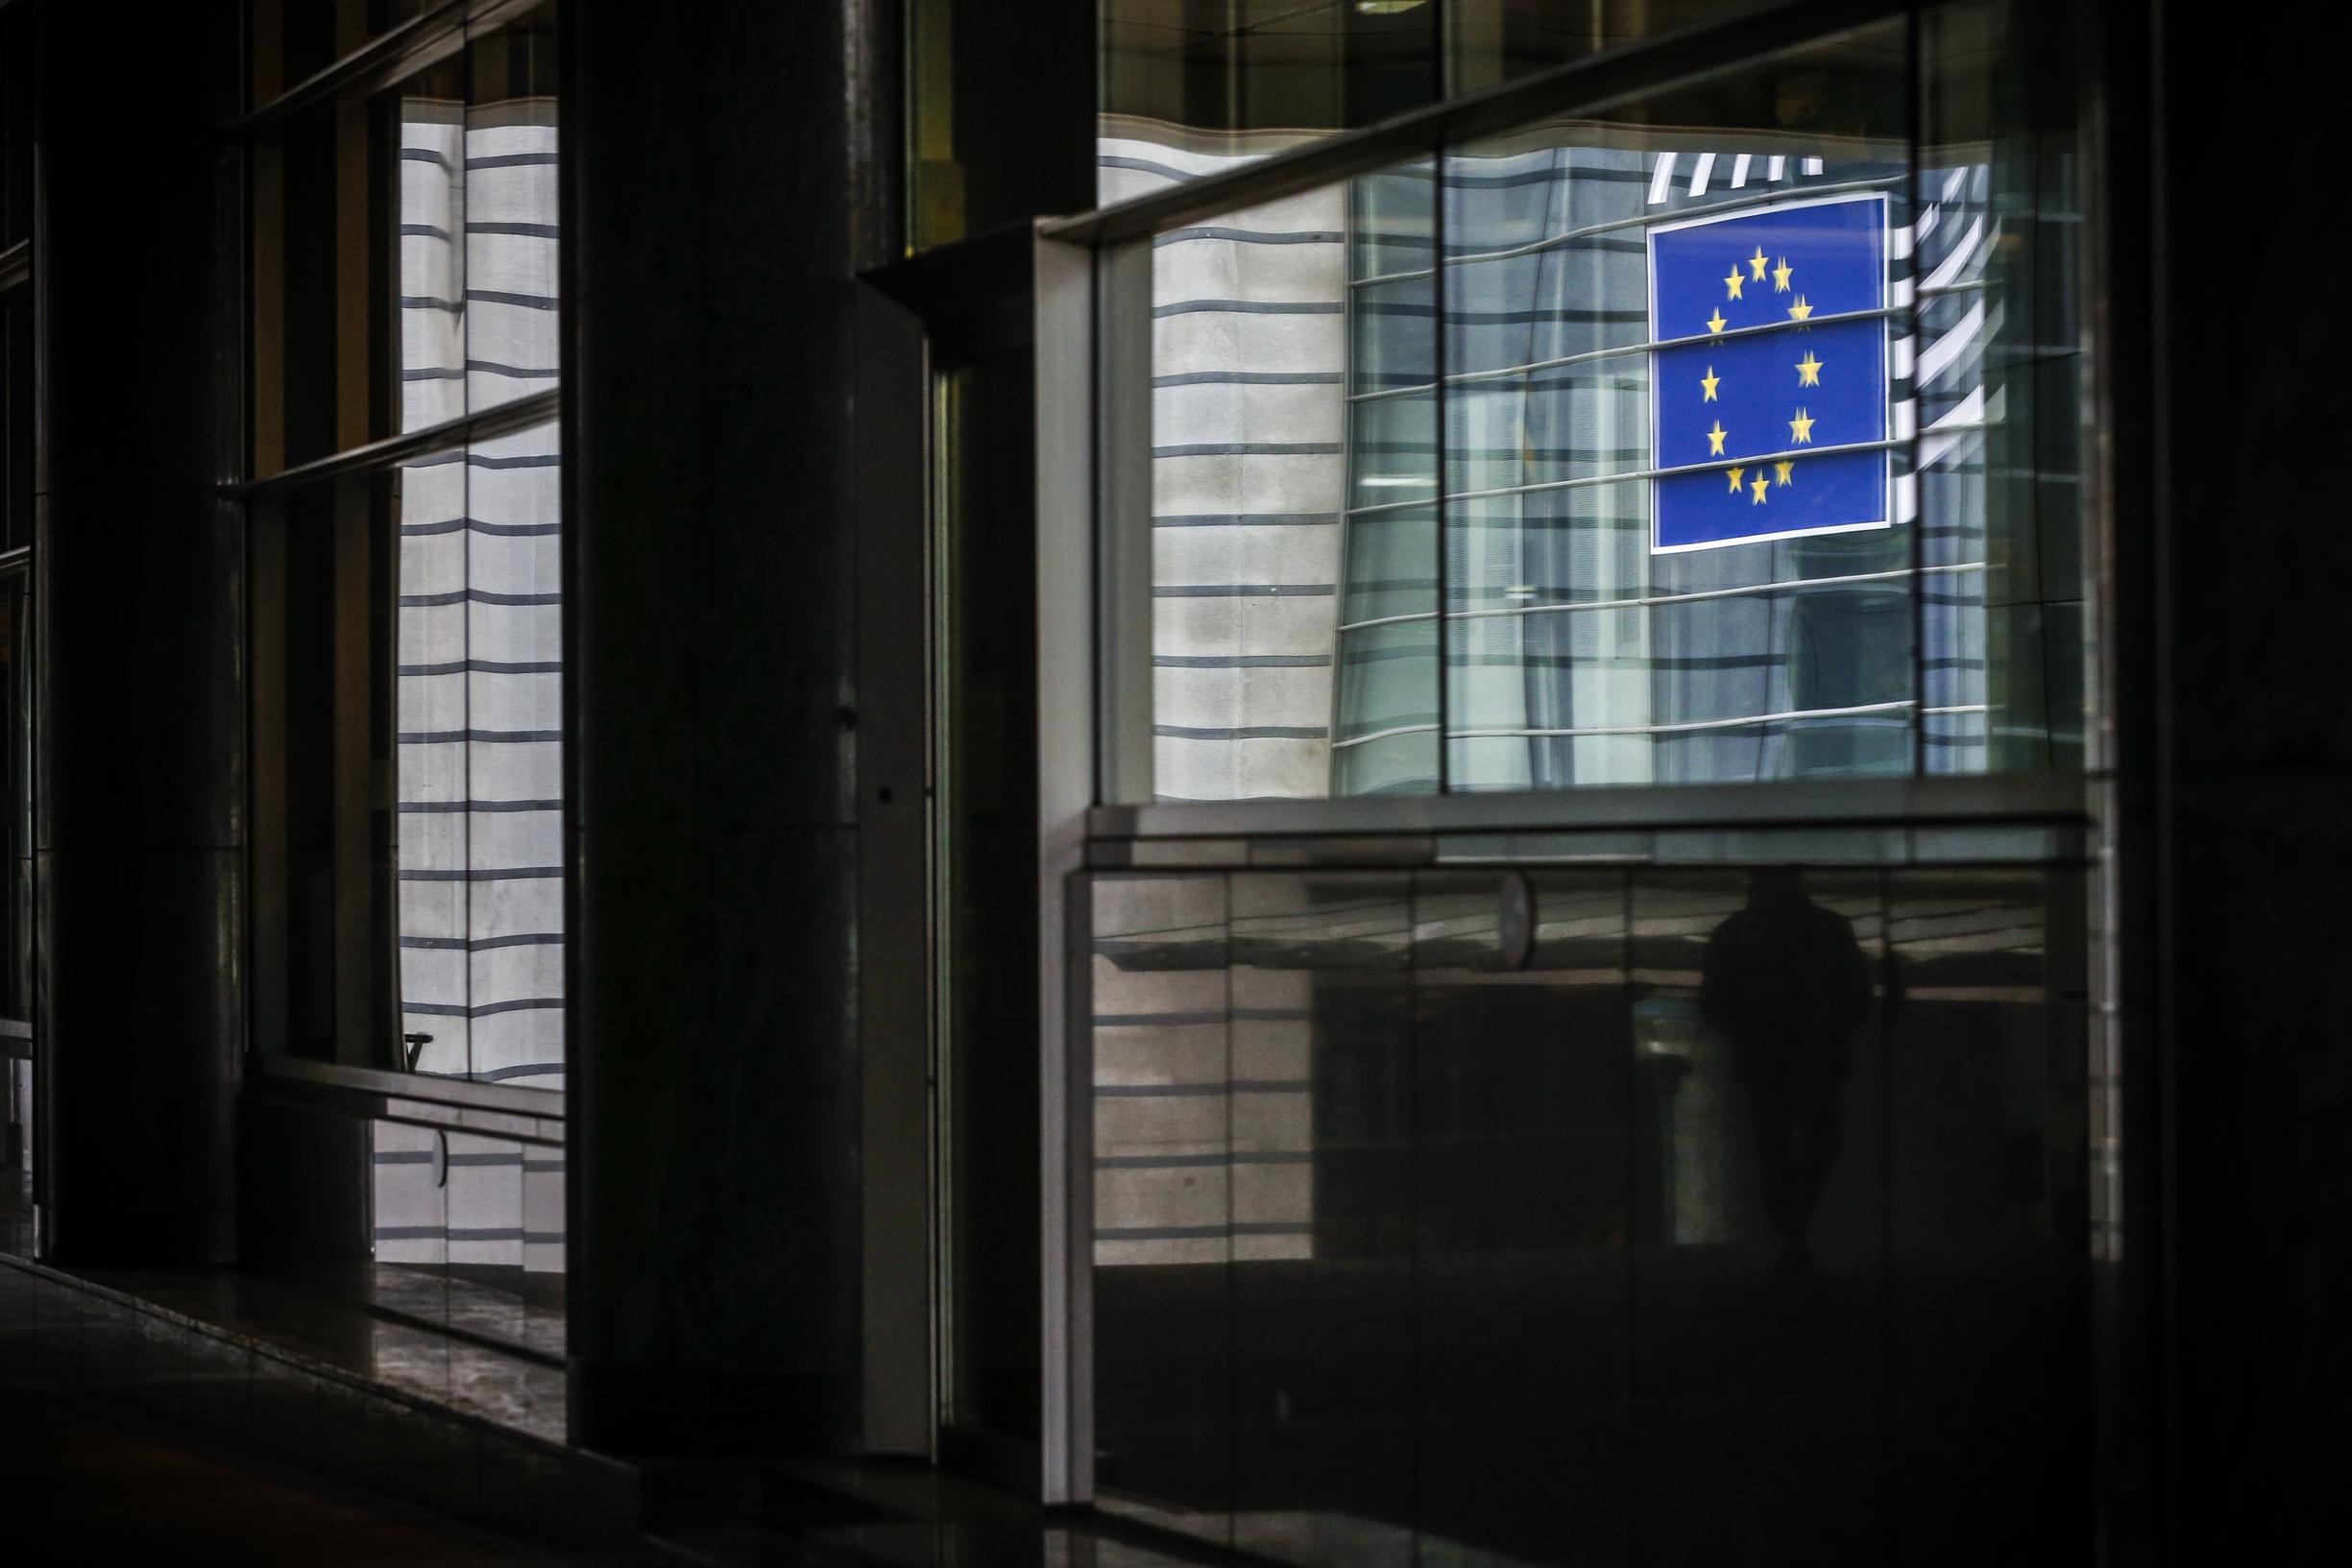 Elezioni europee 2019 candidati principali per partito i for Nomi dei politici italiani